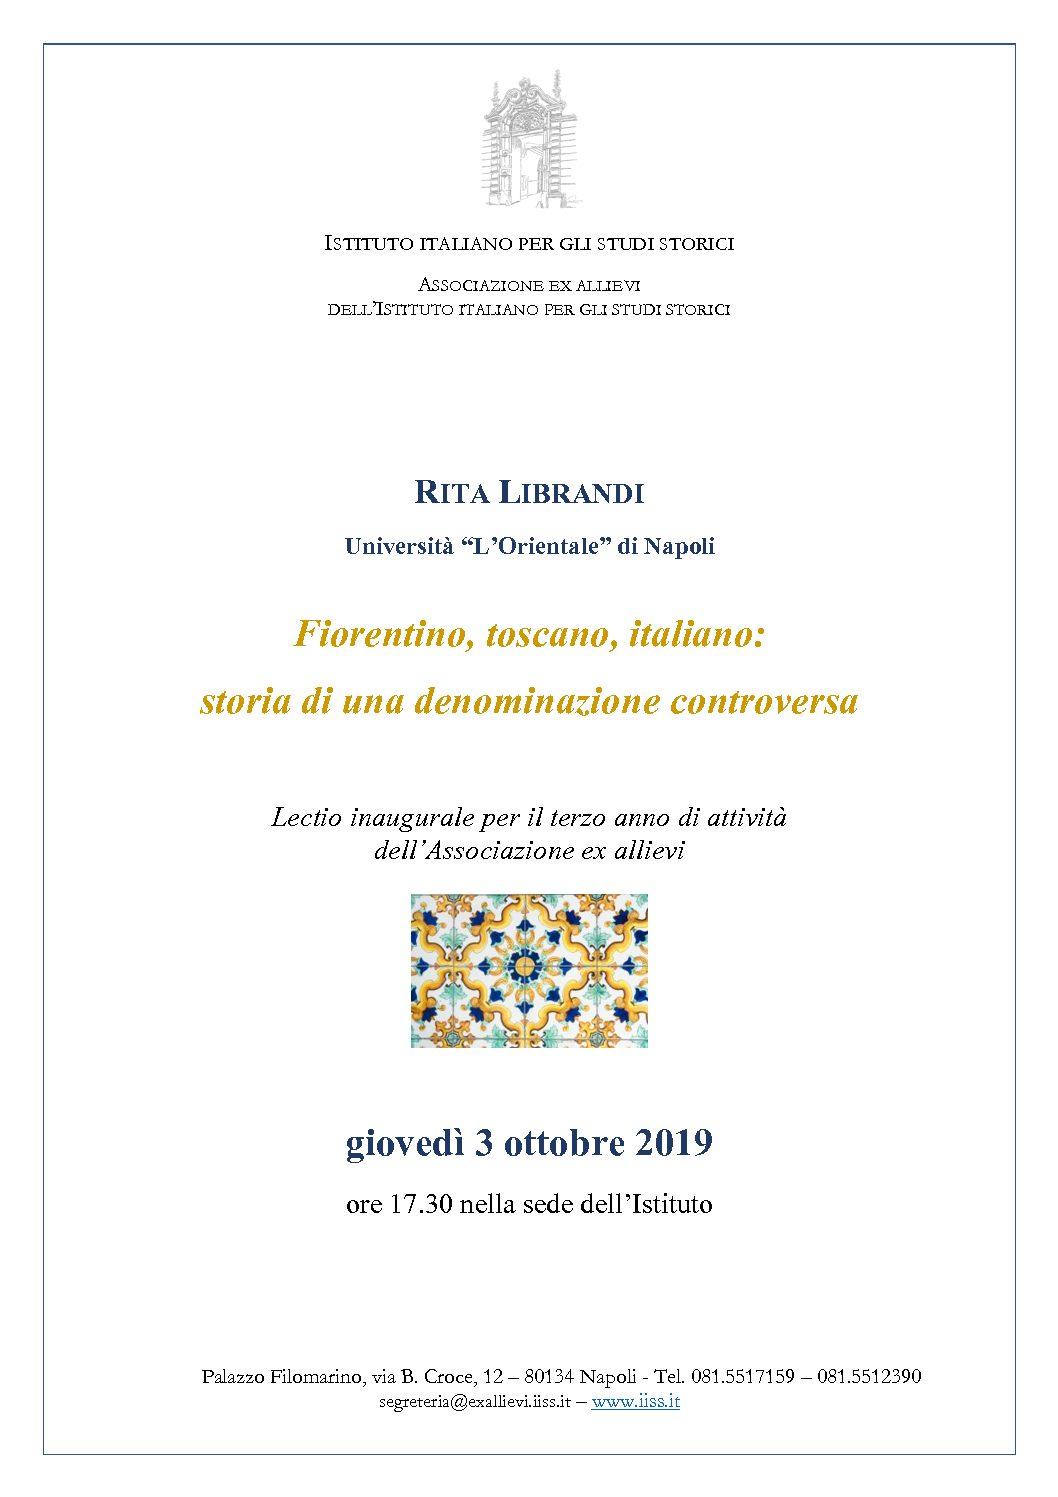 Lectio Rita Librandi – Fiorentino, toscano, italiano: storia di una denominazione controversa – Napoli, 3 ottobre 2019